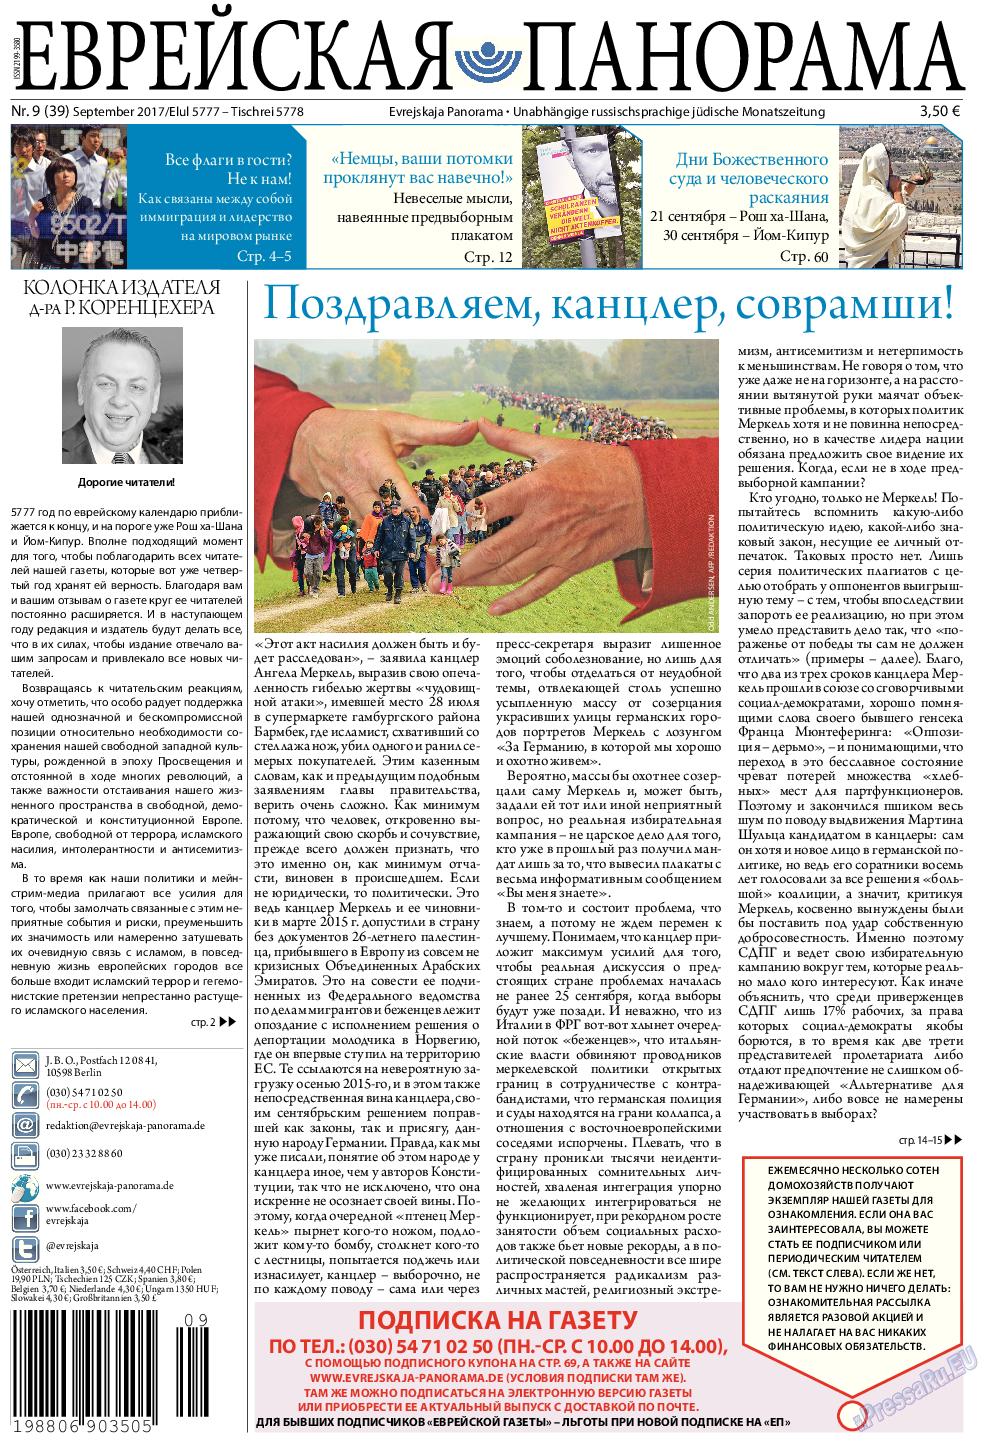 Еврейская панорама (газета). 2017 год, номер 9, стр. 1